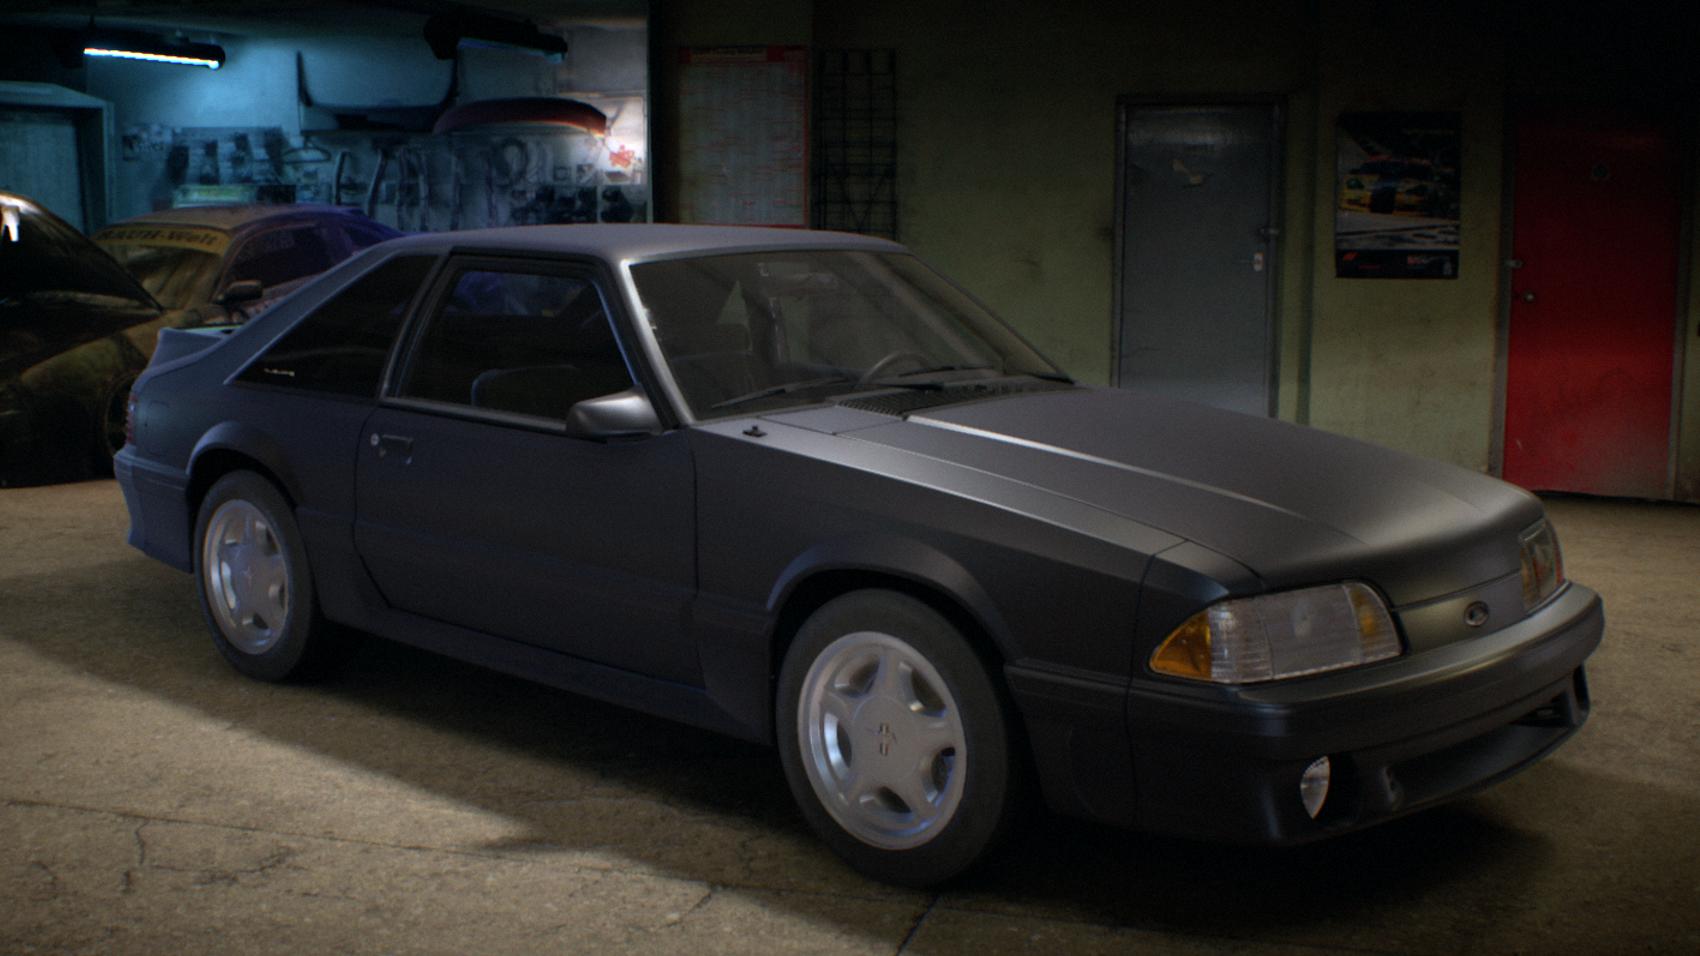 Ford Mustang Gt Gen 3 Need For Speed Wiki Fandom